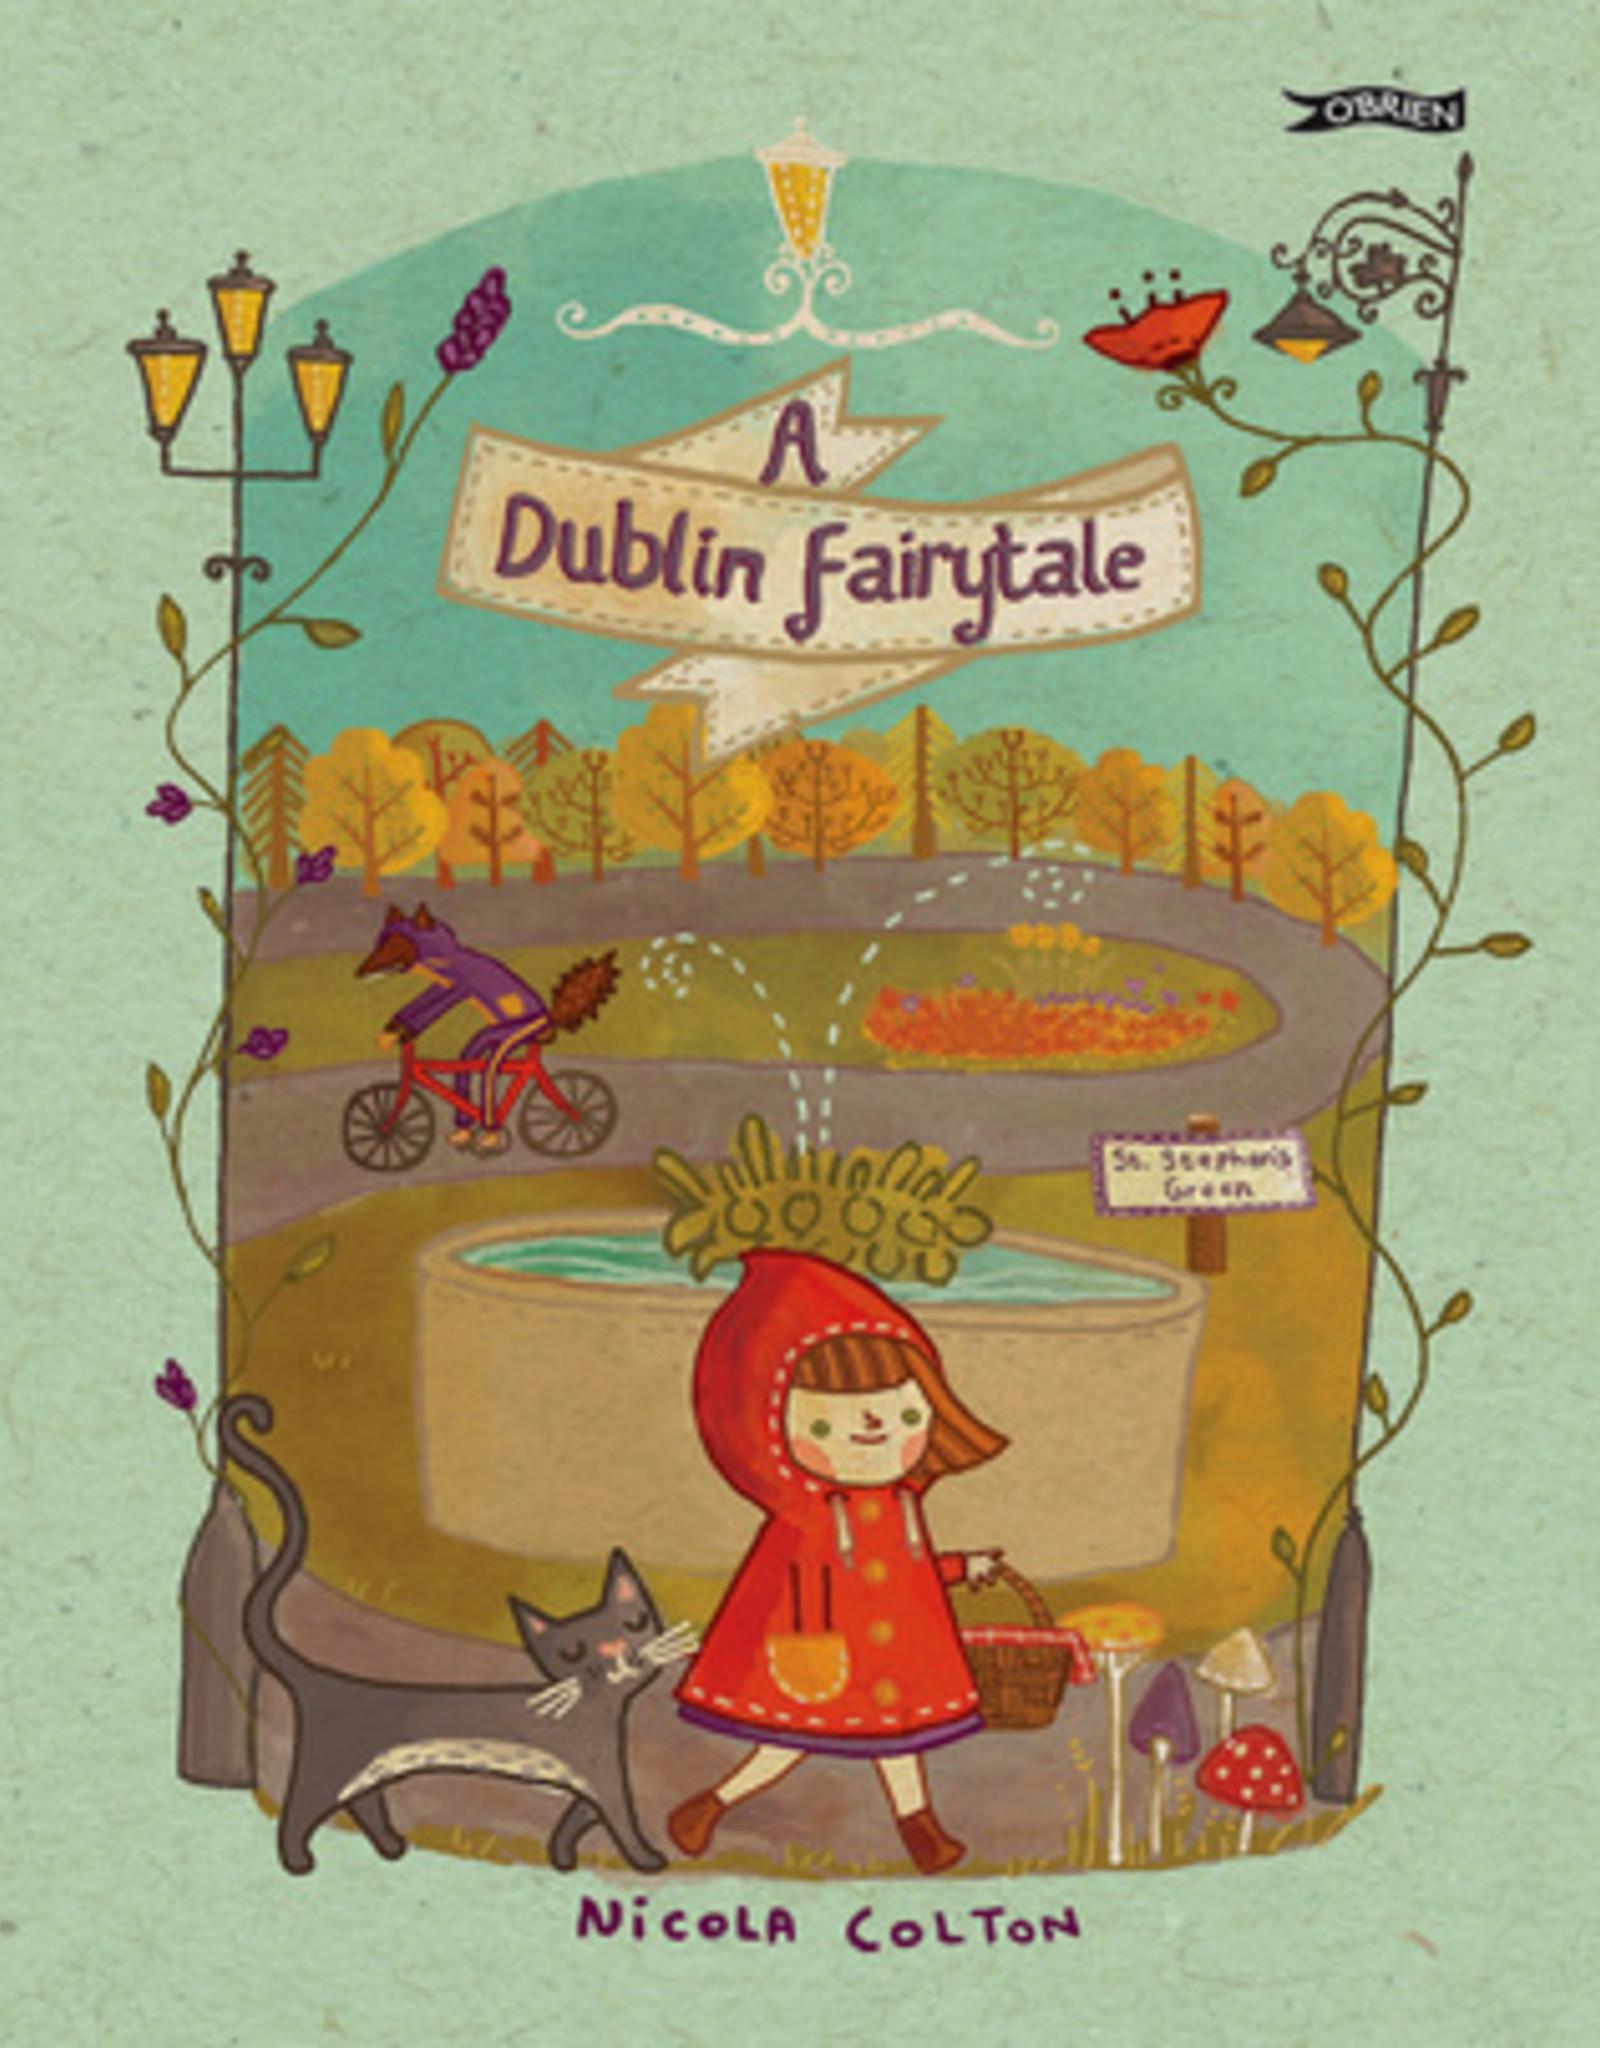 Argosy A Dublin fairytale